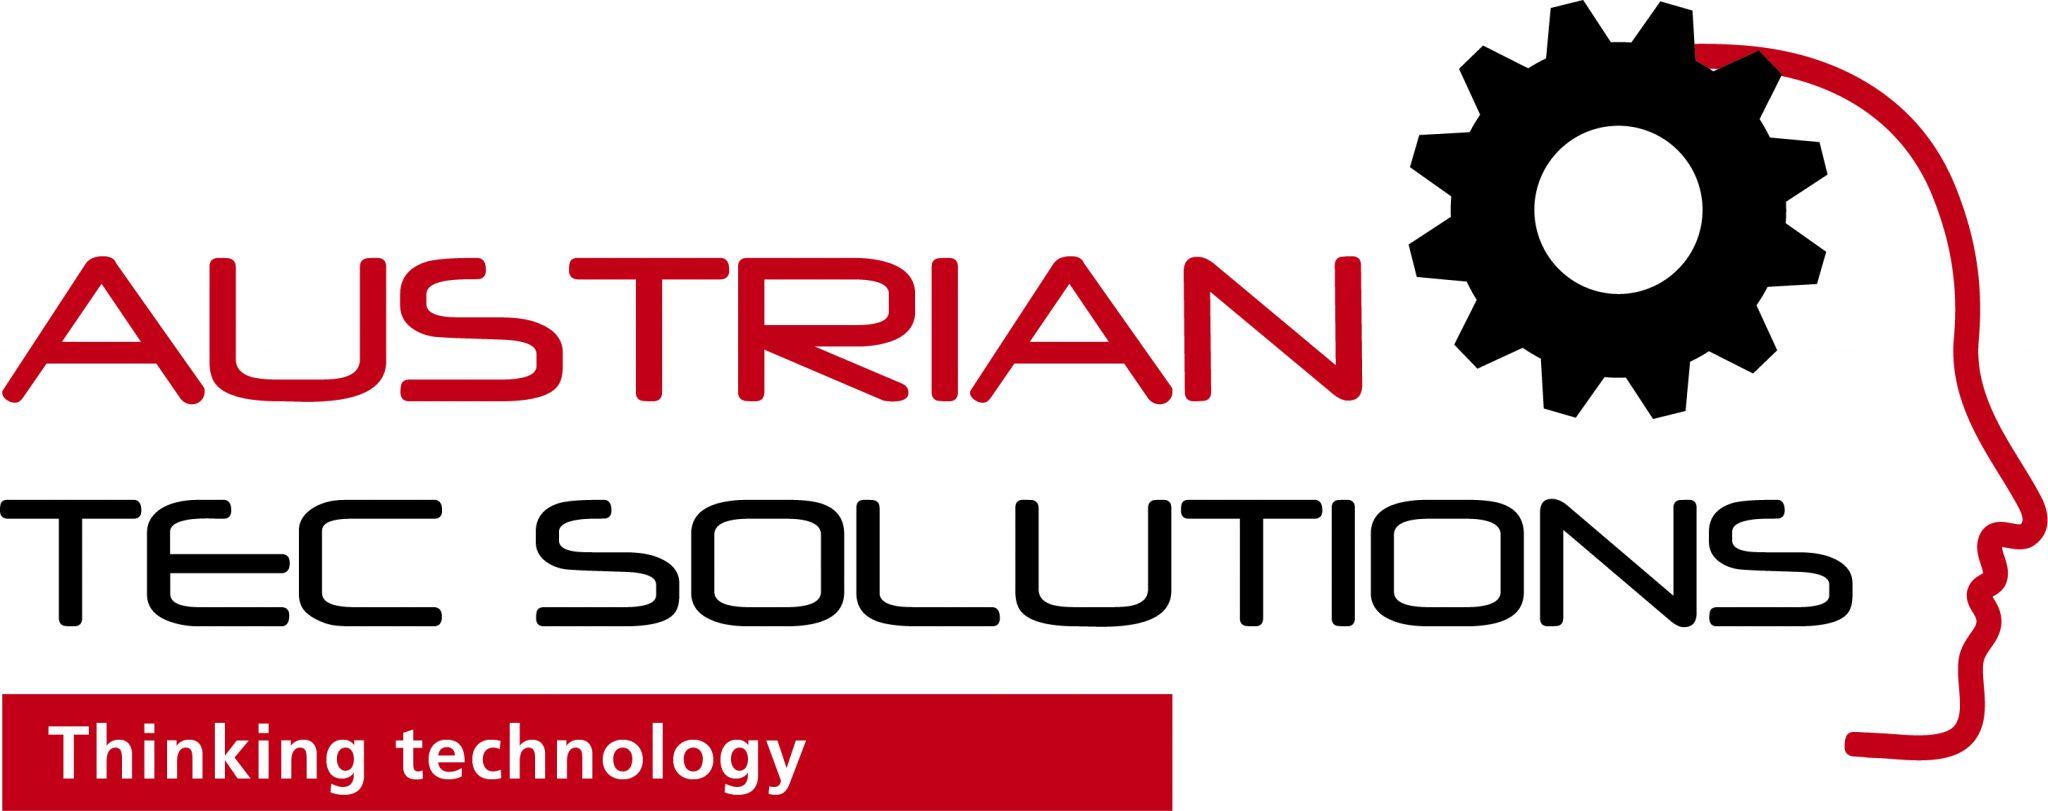 Austrian Tec Solutions